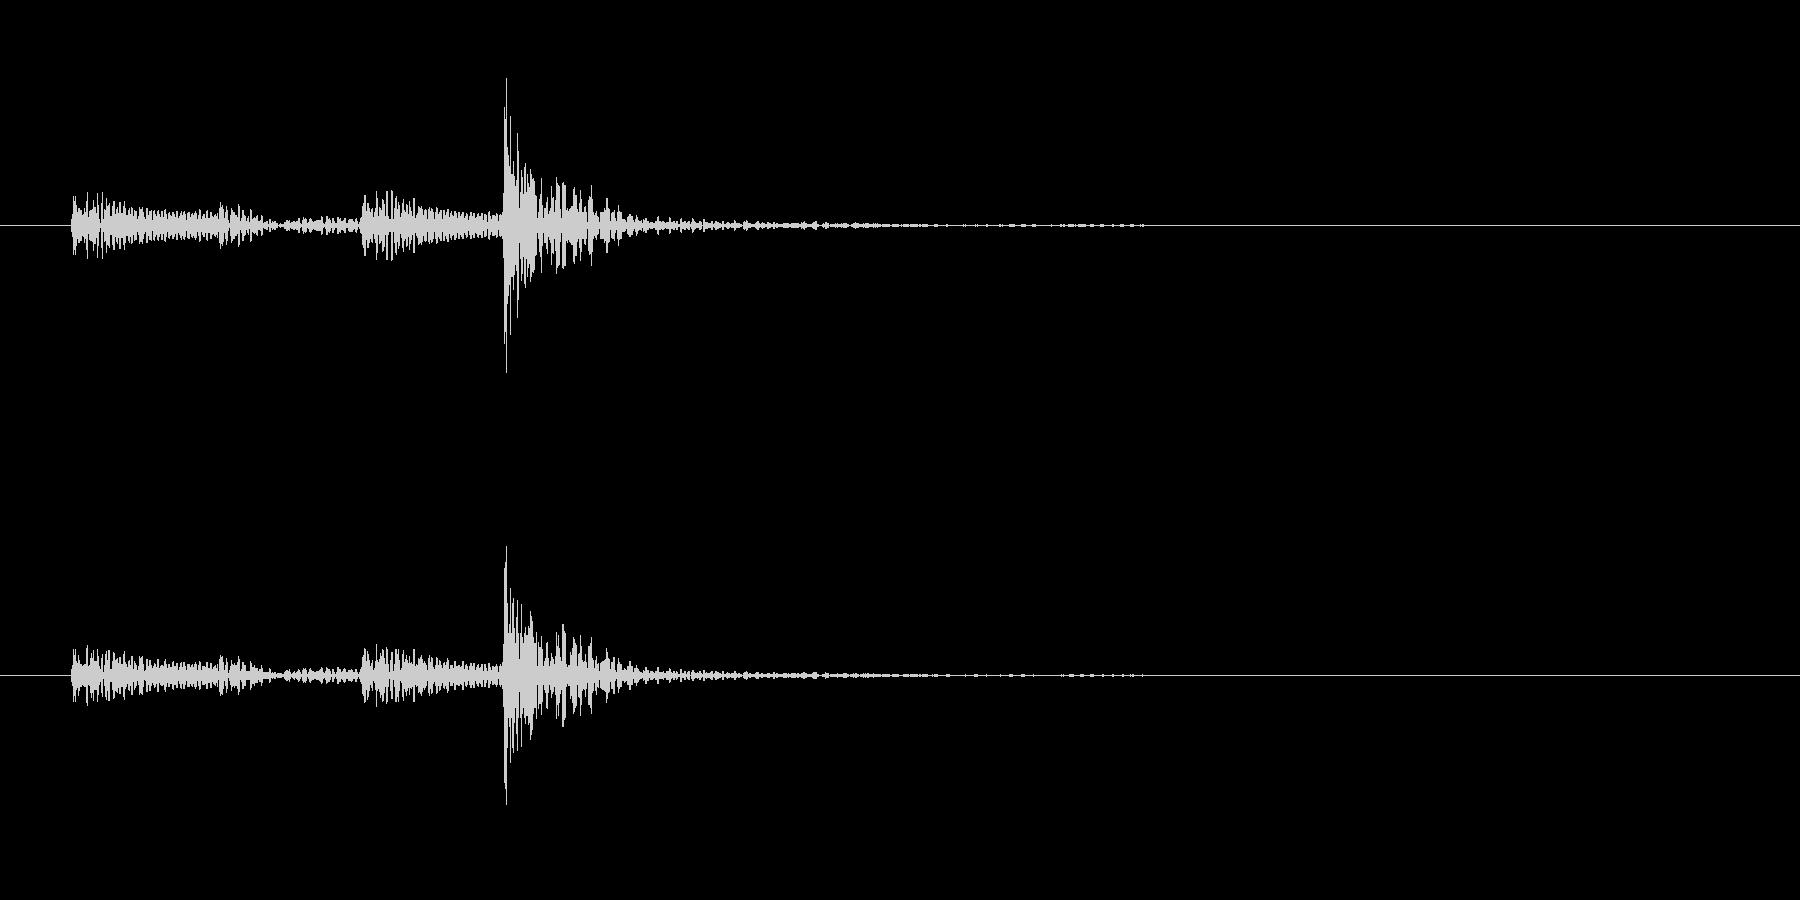 「ドン…」和太鼓の大太鼓のフレーズ音の未再生の波形